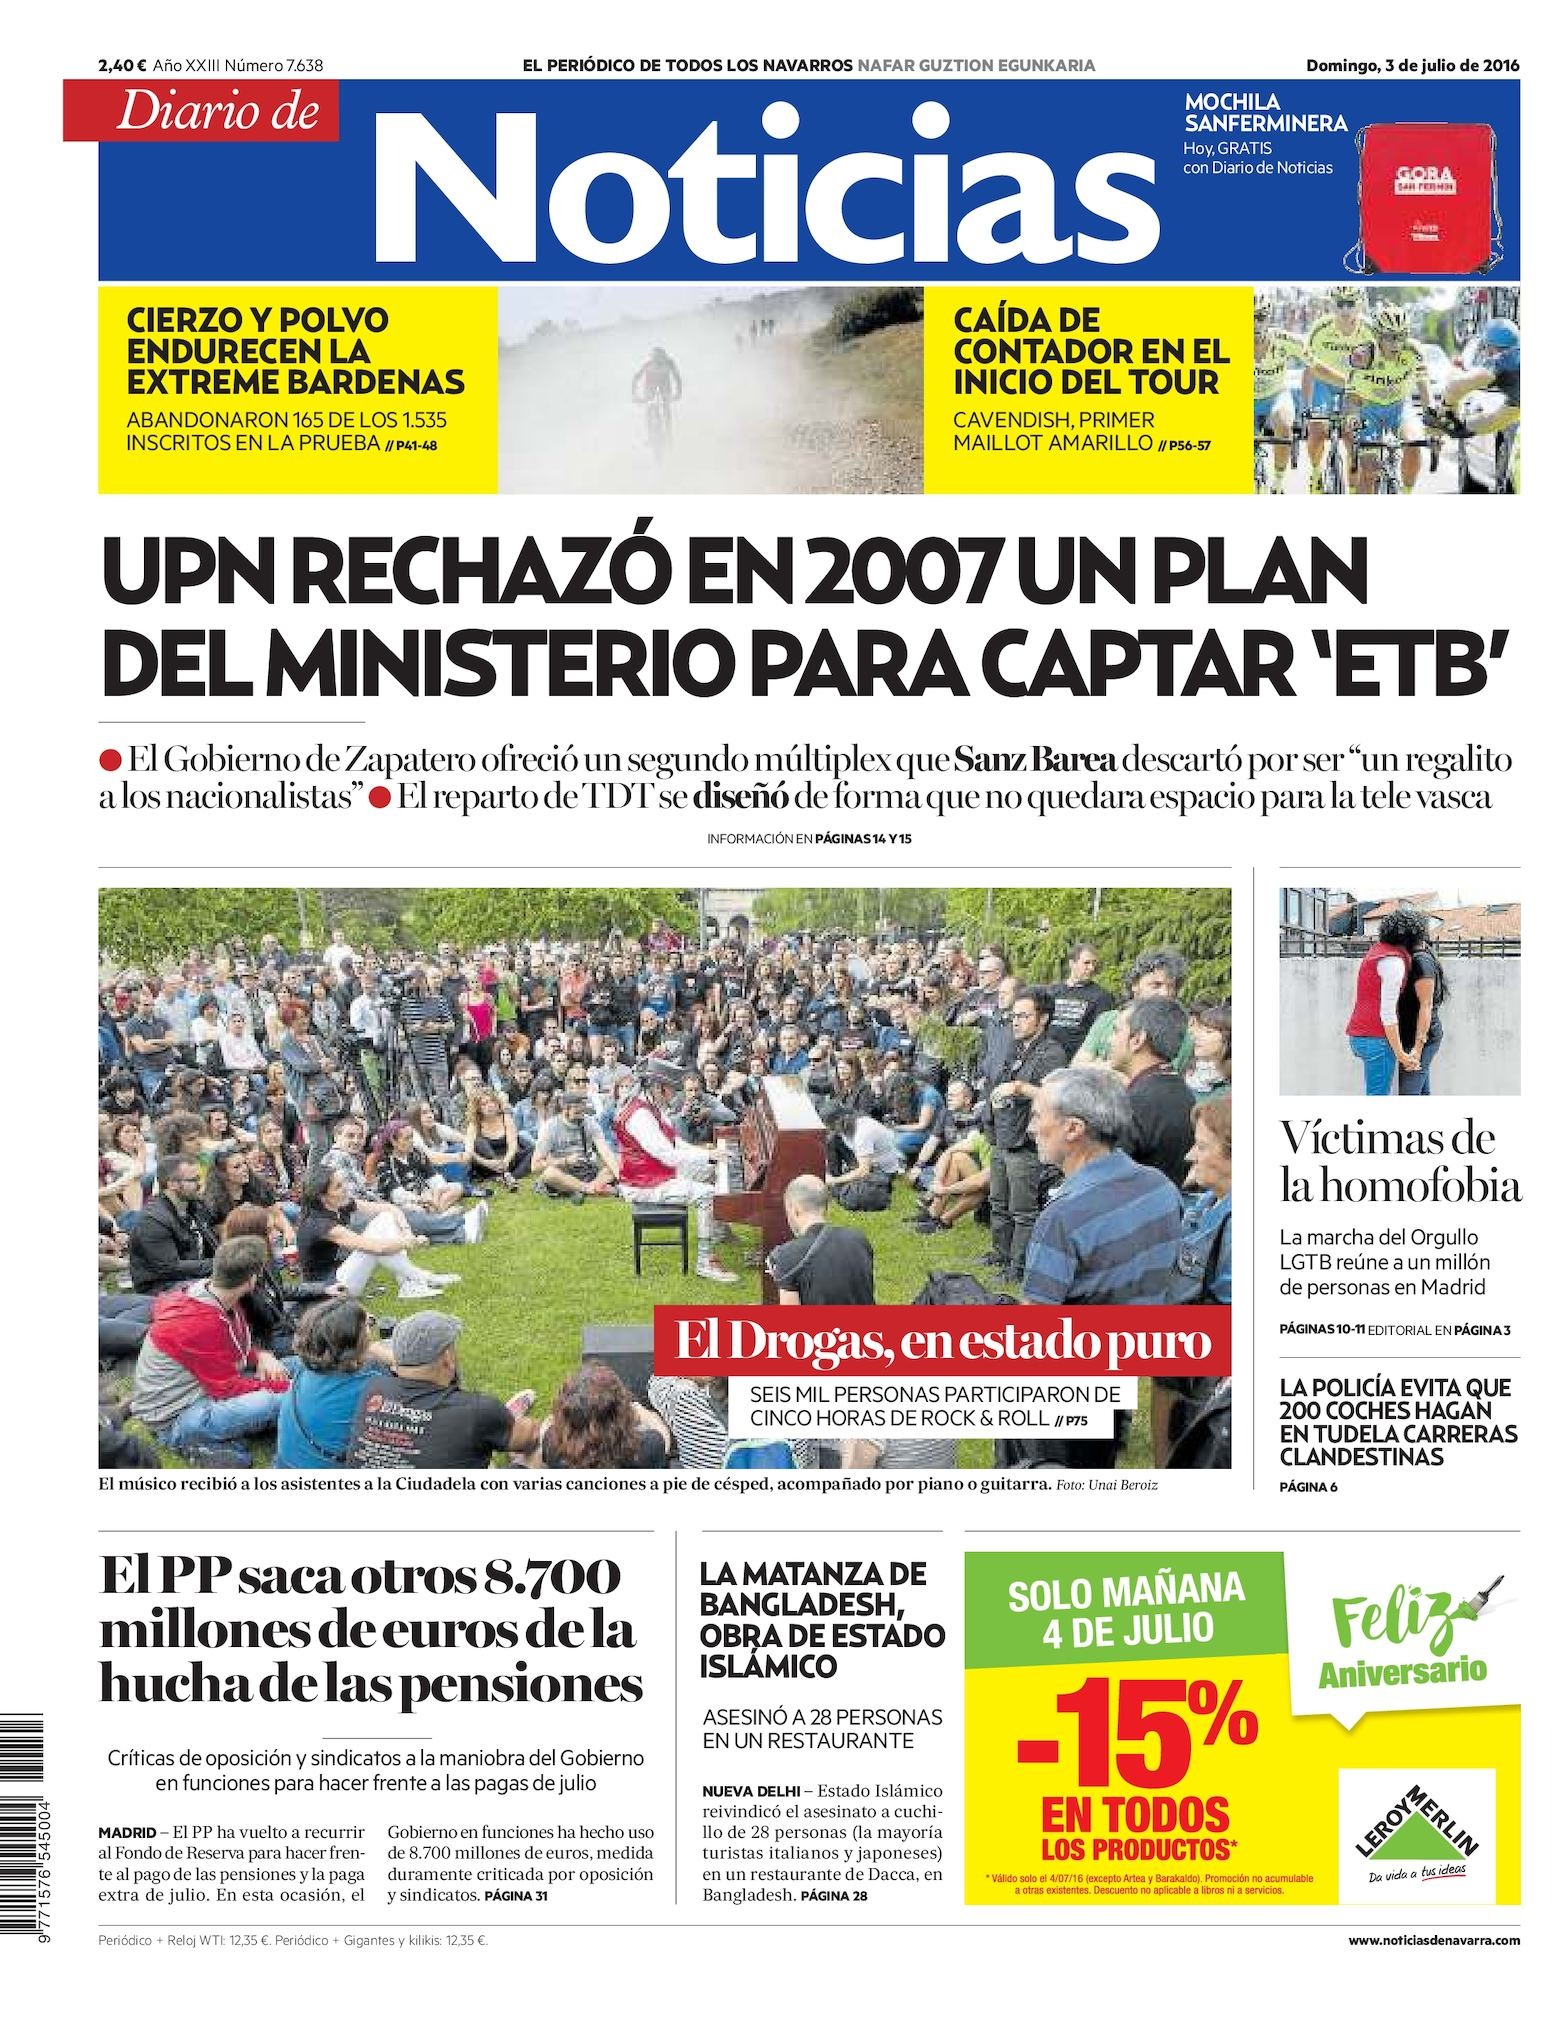 Calaméo - Diario de Noticias 20160703